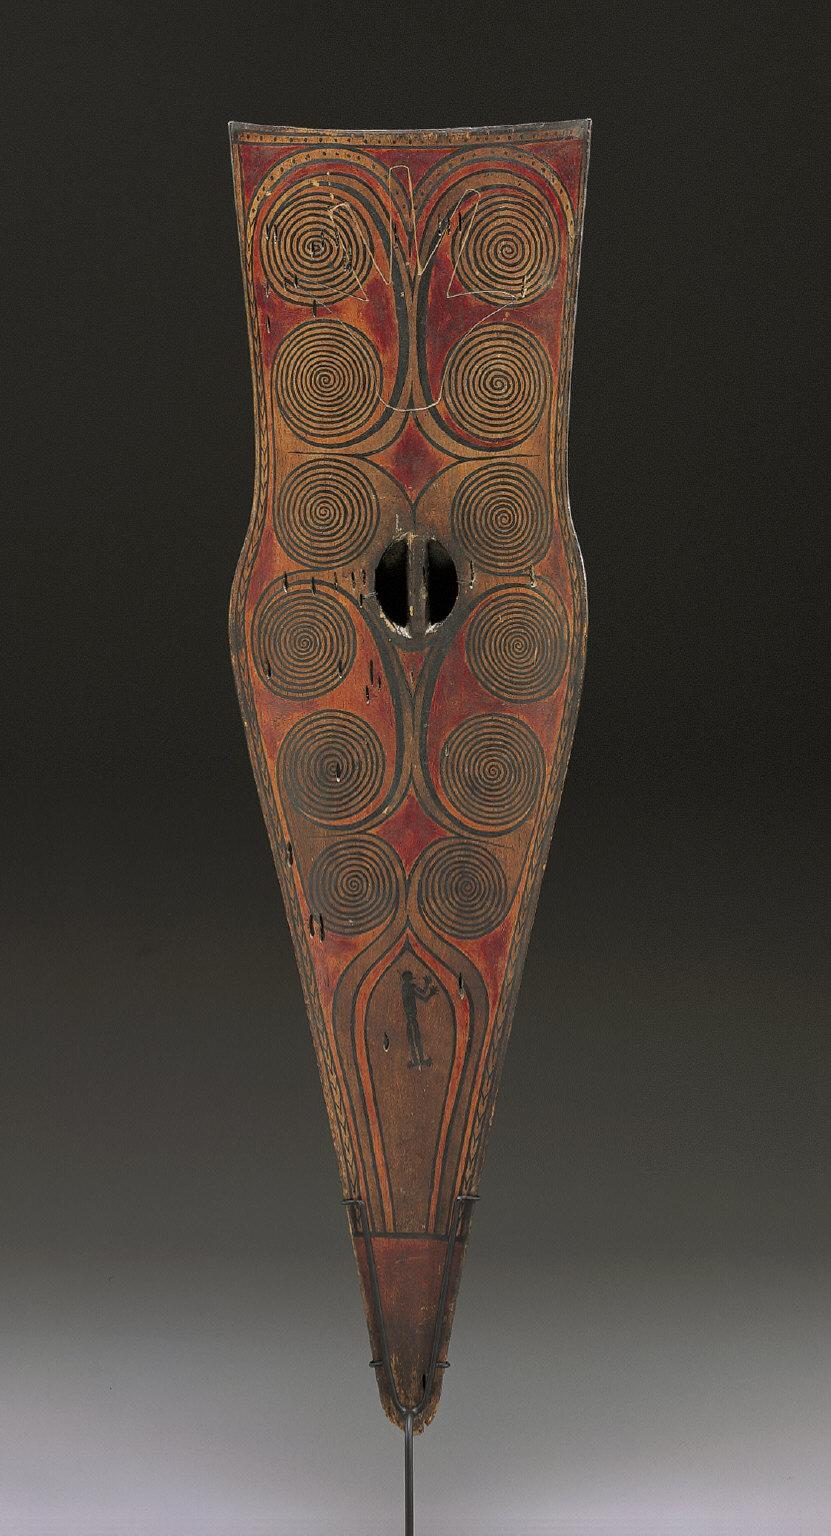 Shield (koraibi)